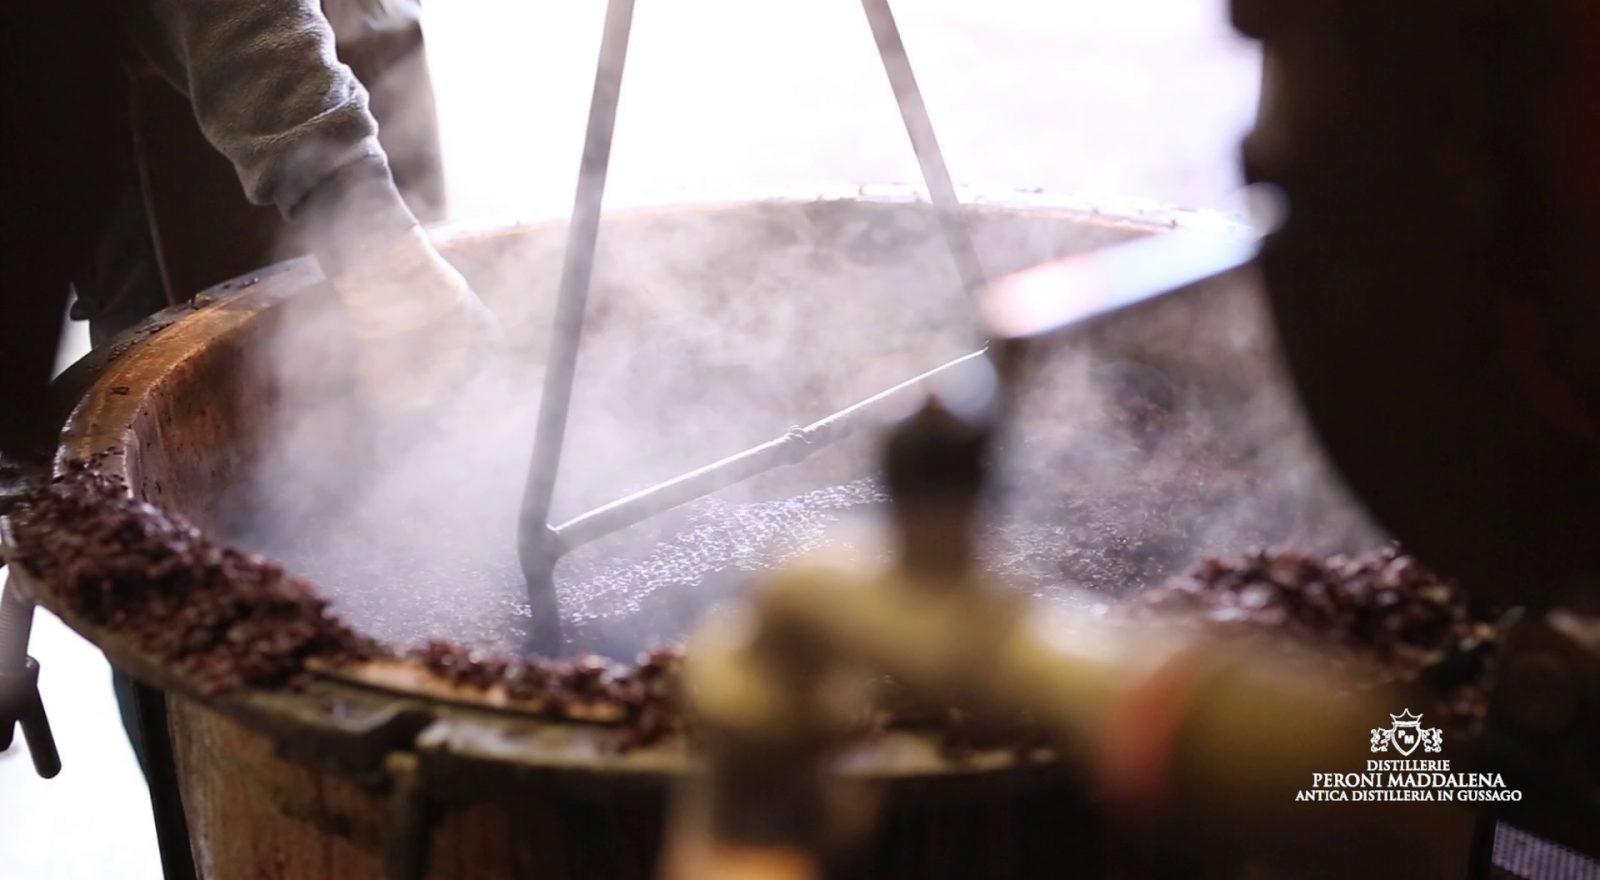 Lavorazione della distilleria Peroni di Gussago